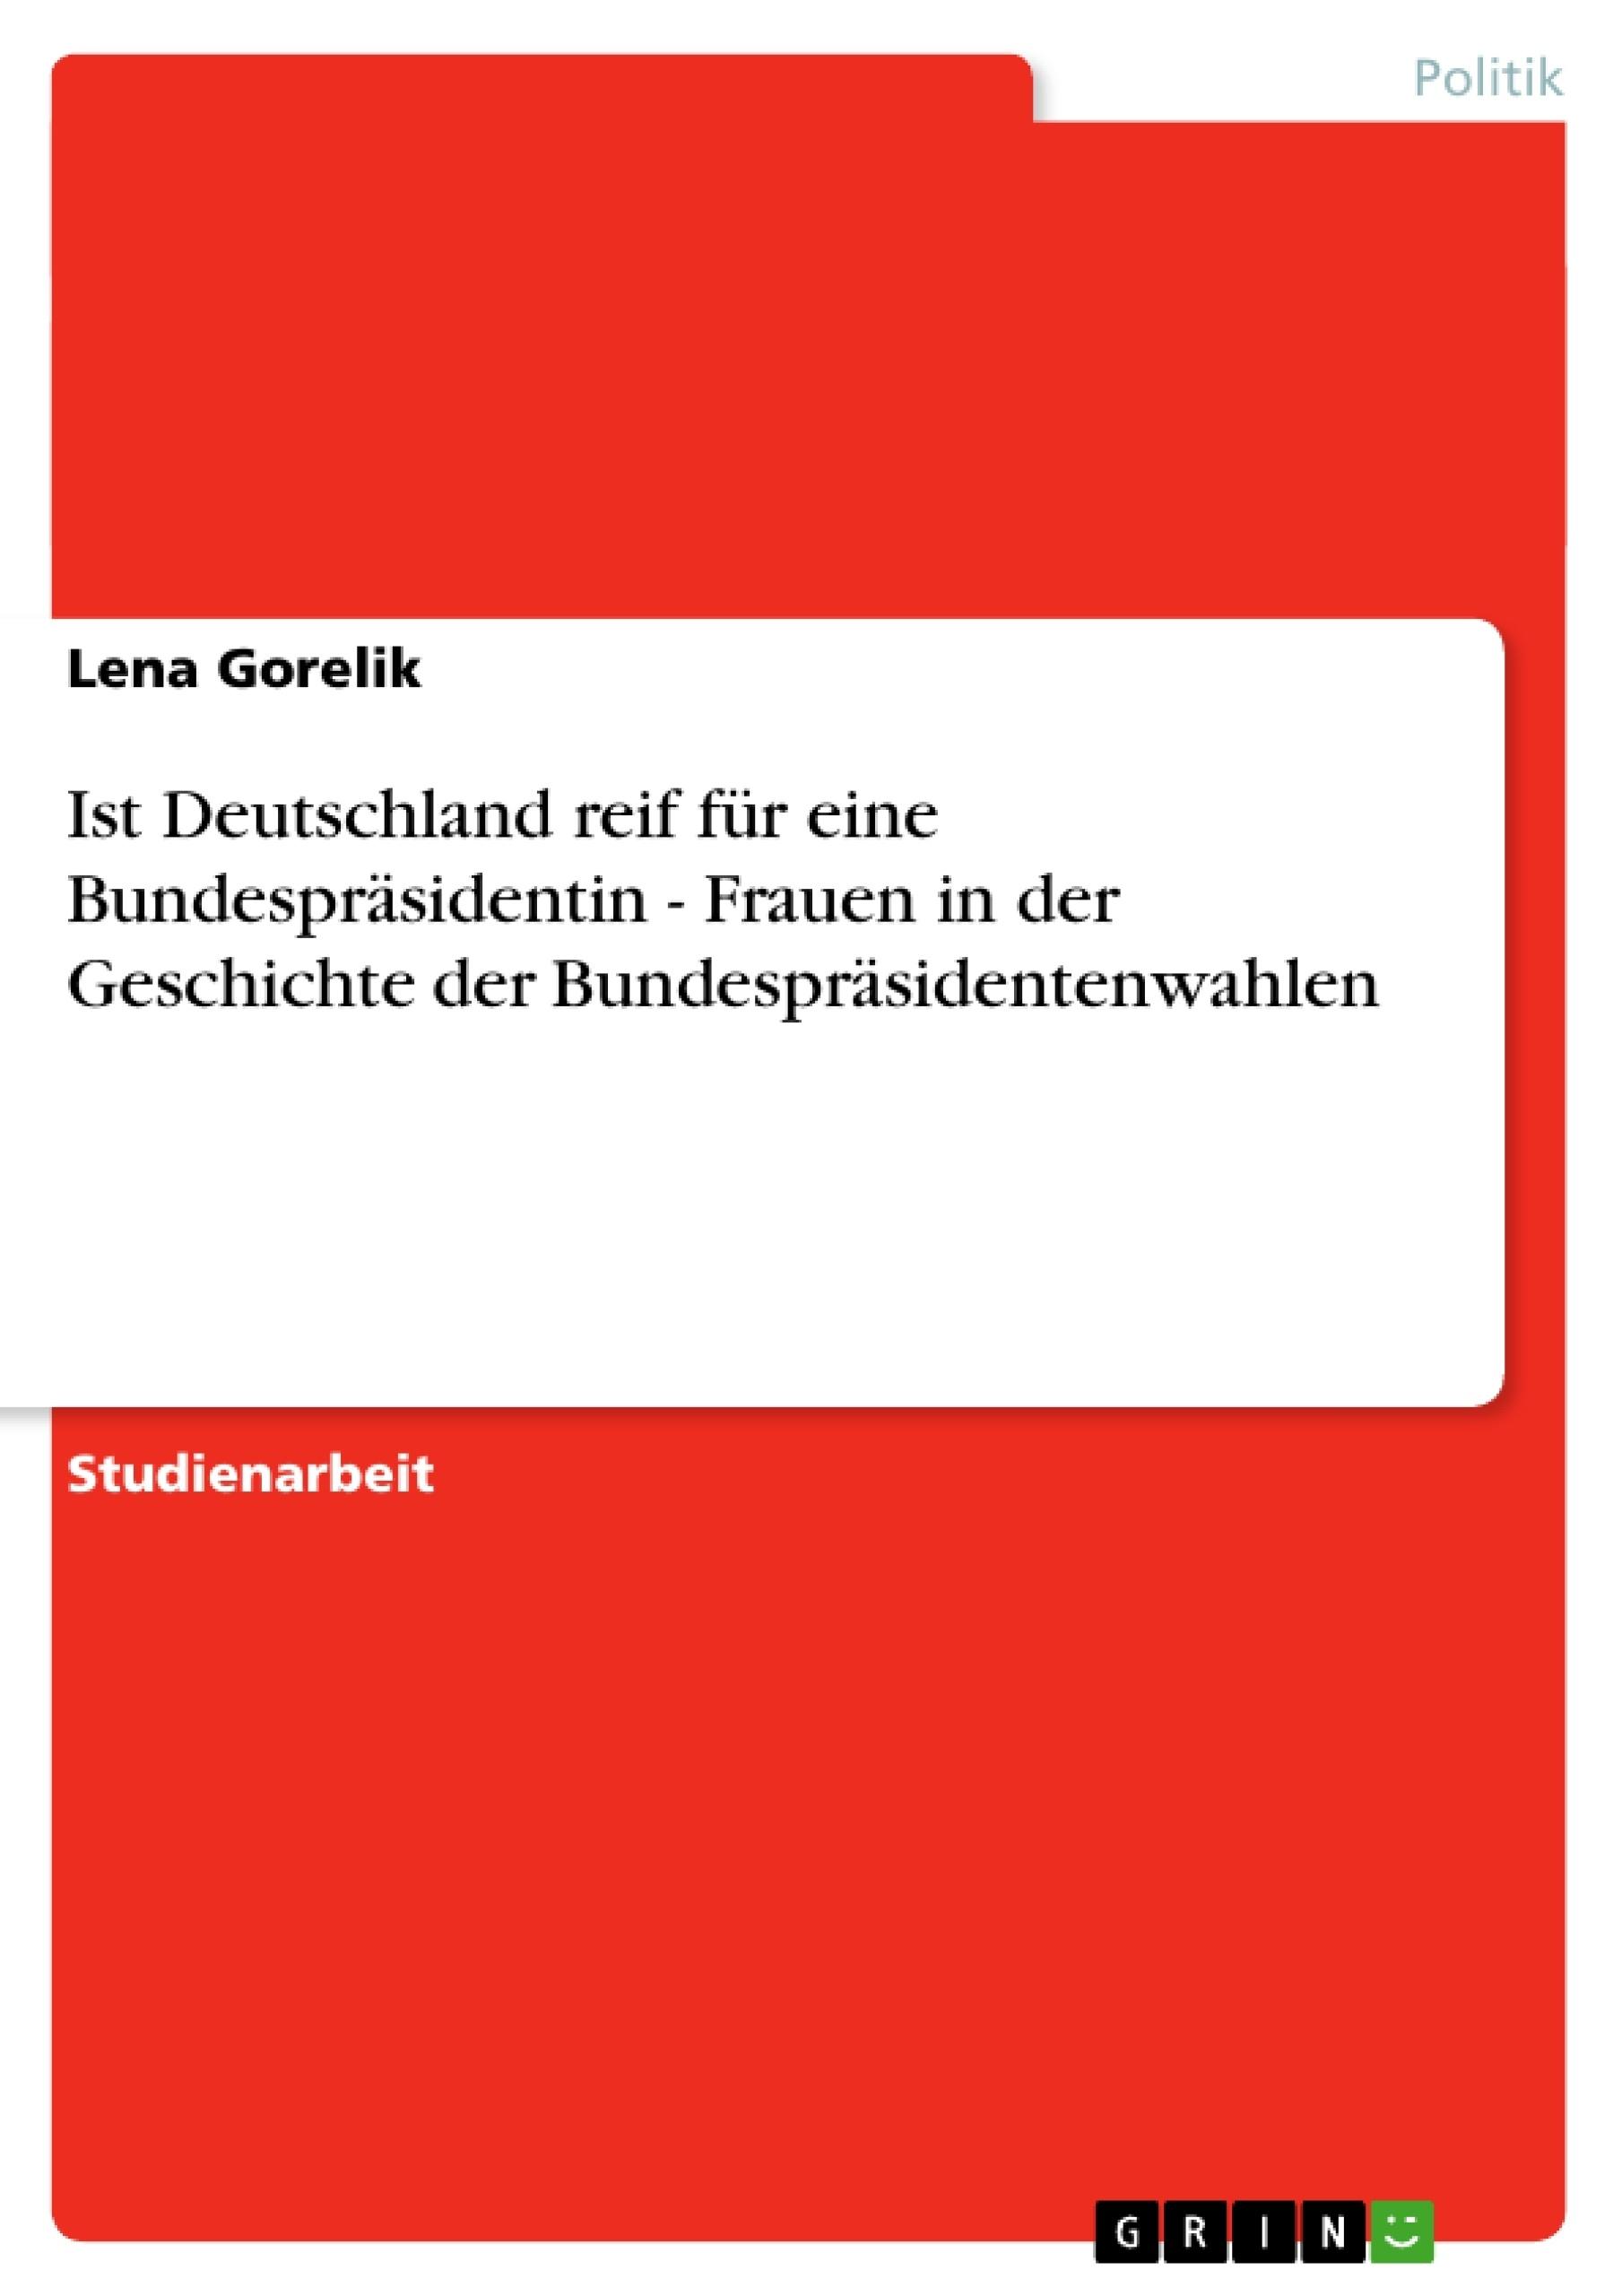 Titel: Ist Deutschland reif für eine Bundespräsidentin - Frauen in der Geschichte der Bundespräsidentenwahlen